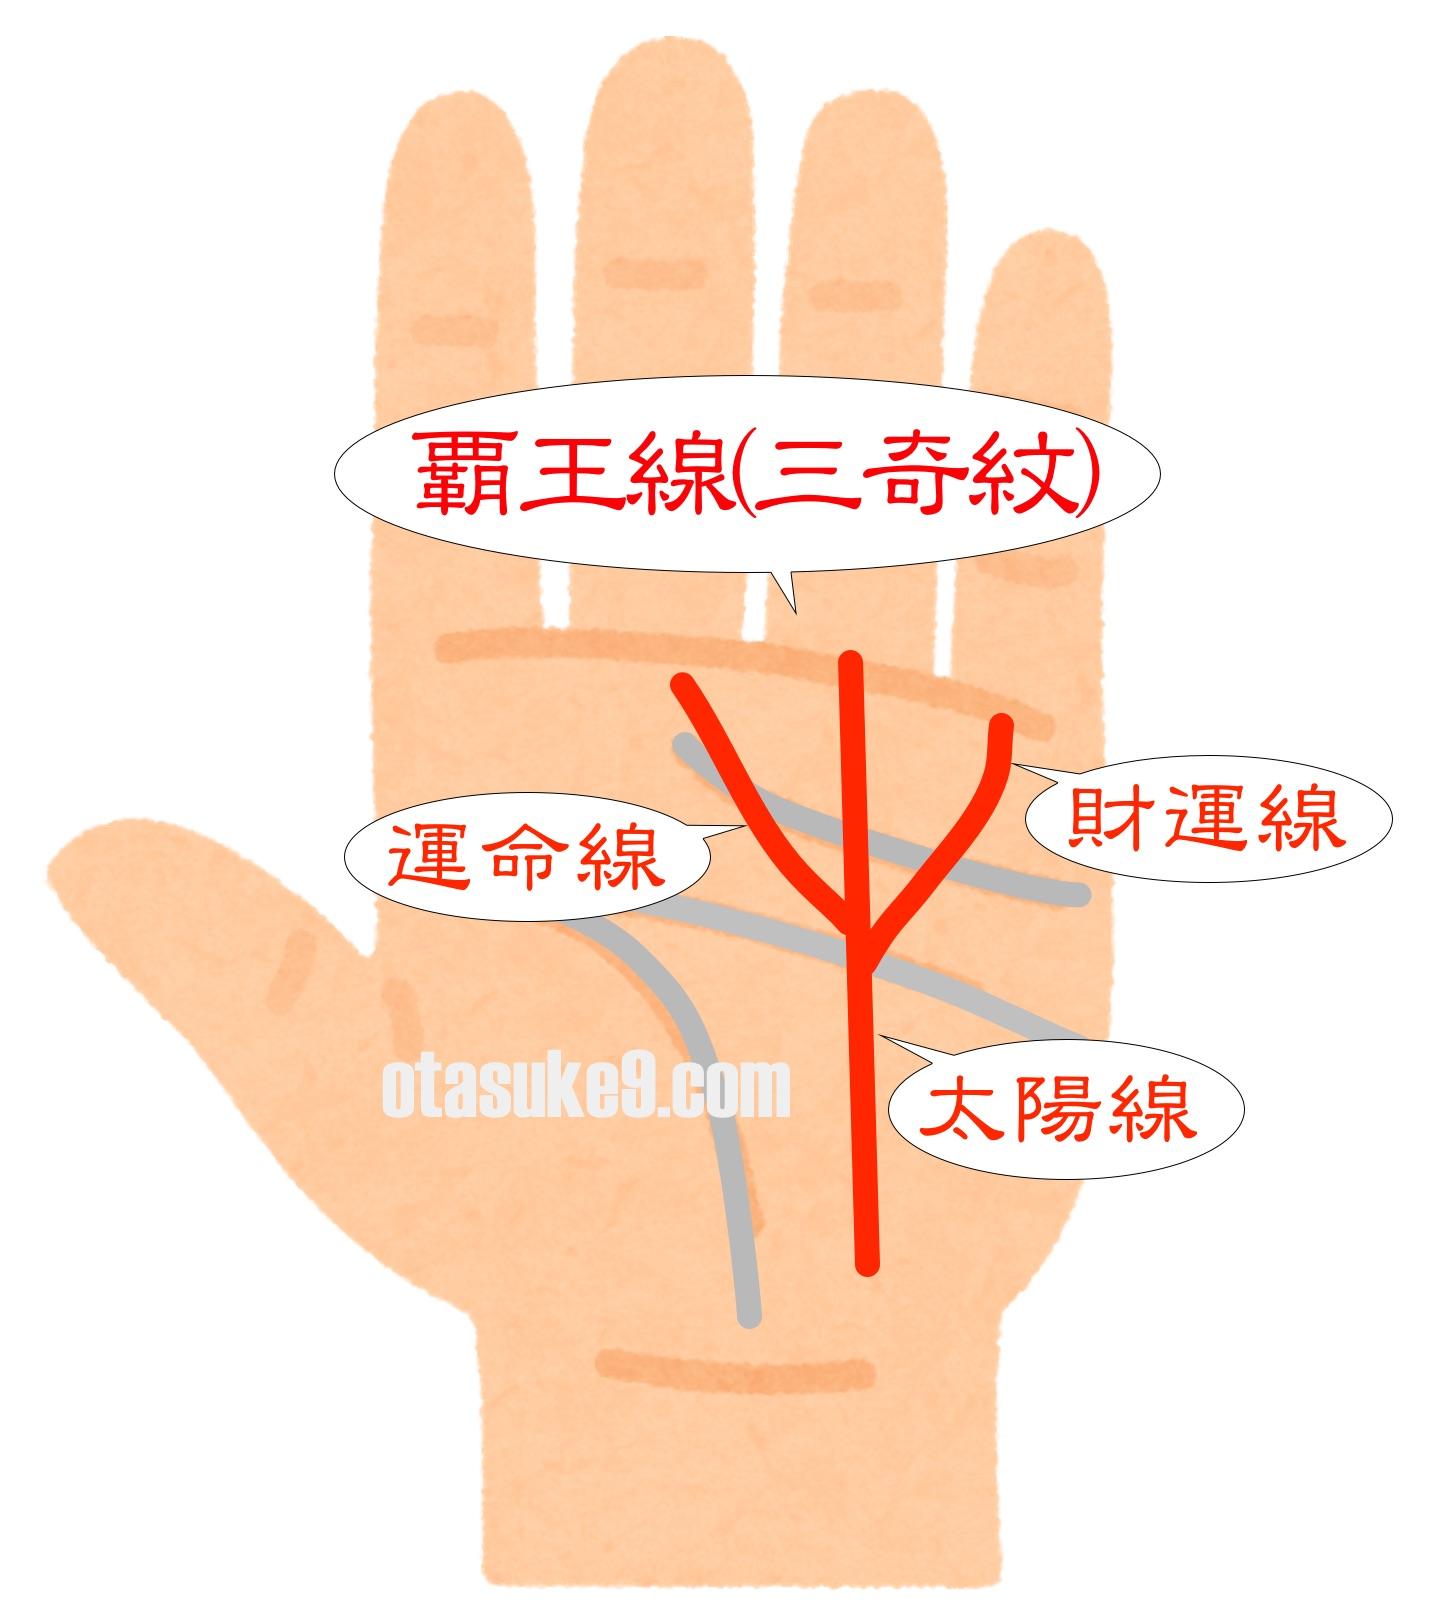 太陽線を軸にした覇王線(三奇紋)